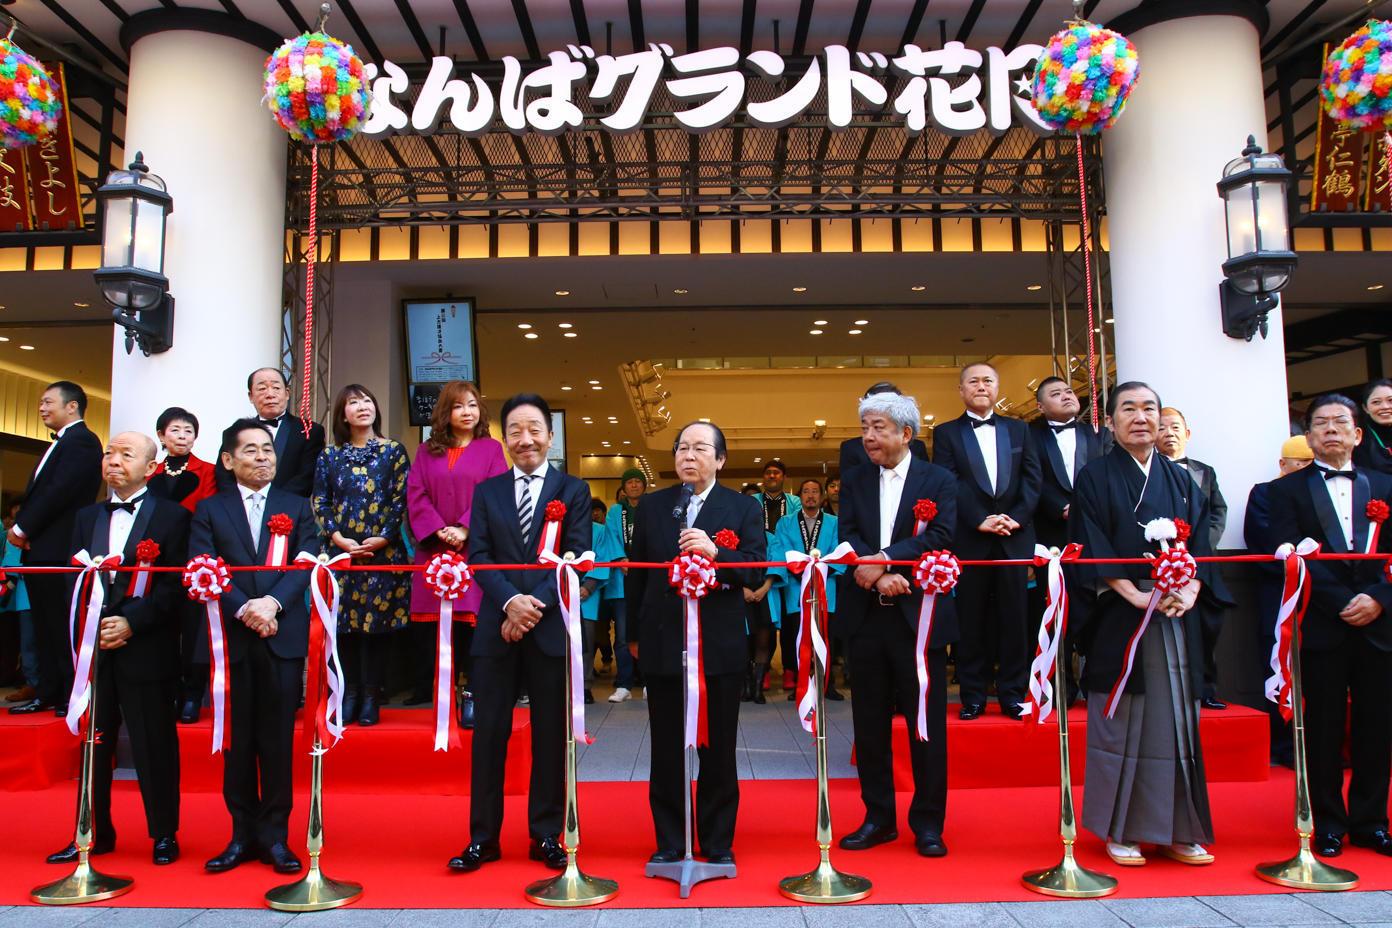 http://news.yoshimoto.co.jp/20171221164017-27488e35256103be38553925a772d442f75b8cd5.jpg